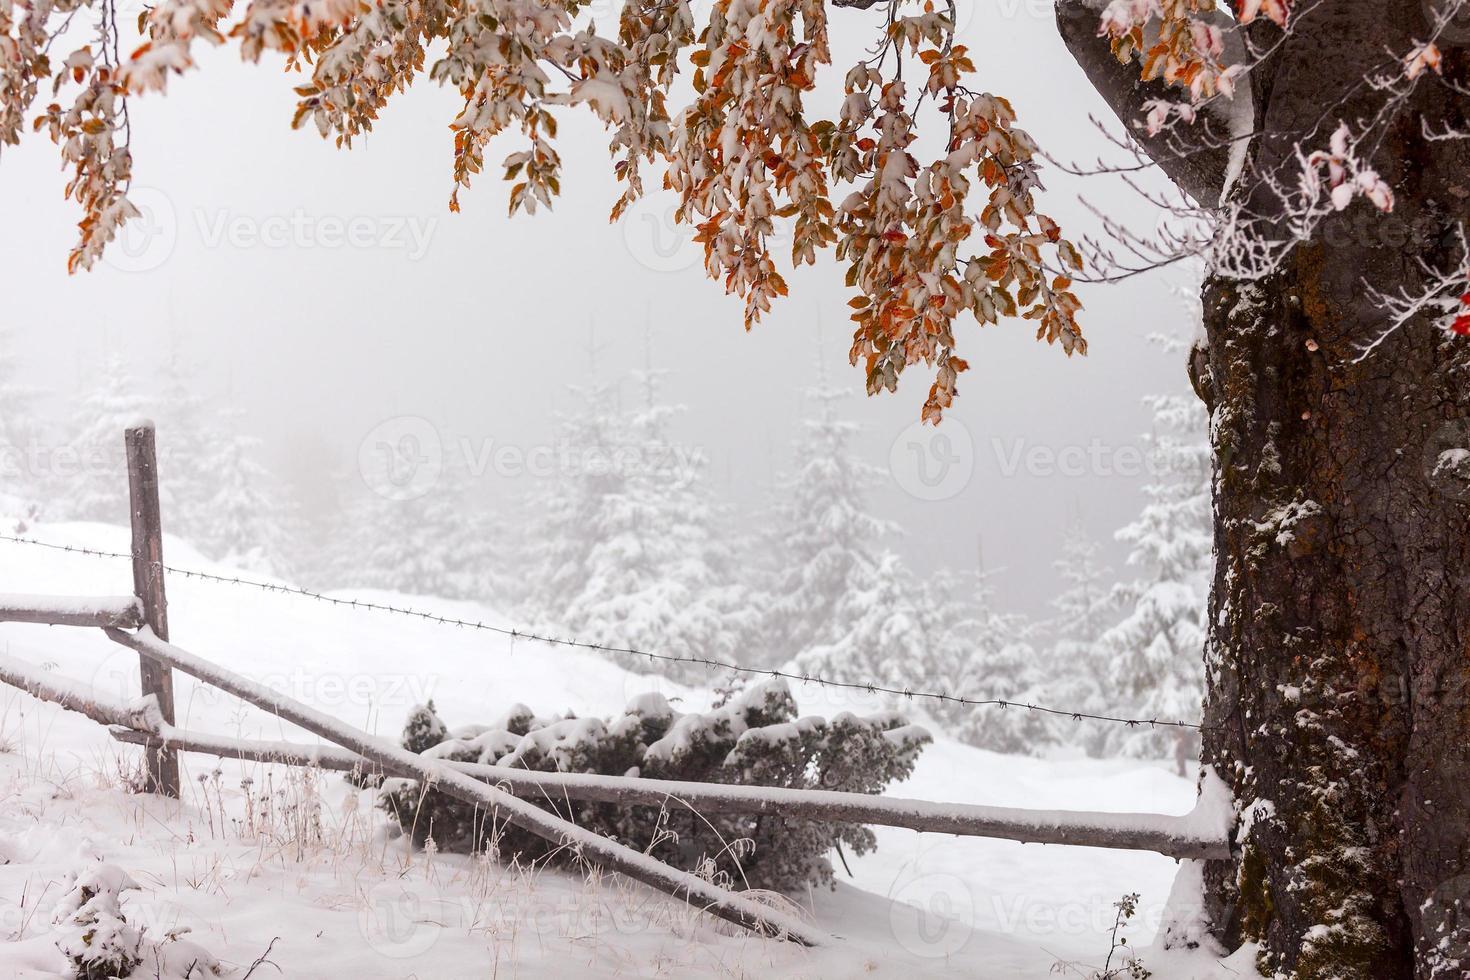 zwei Jahreszeiten - Winter- und Herbstszene im Park foto